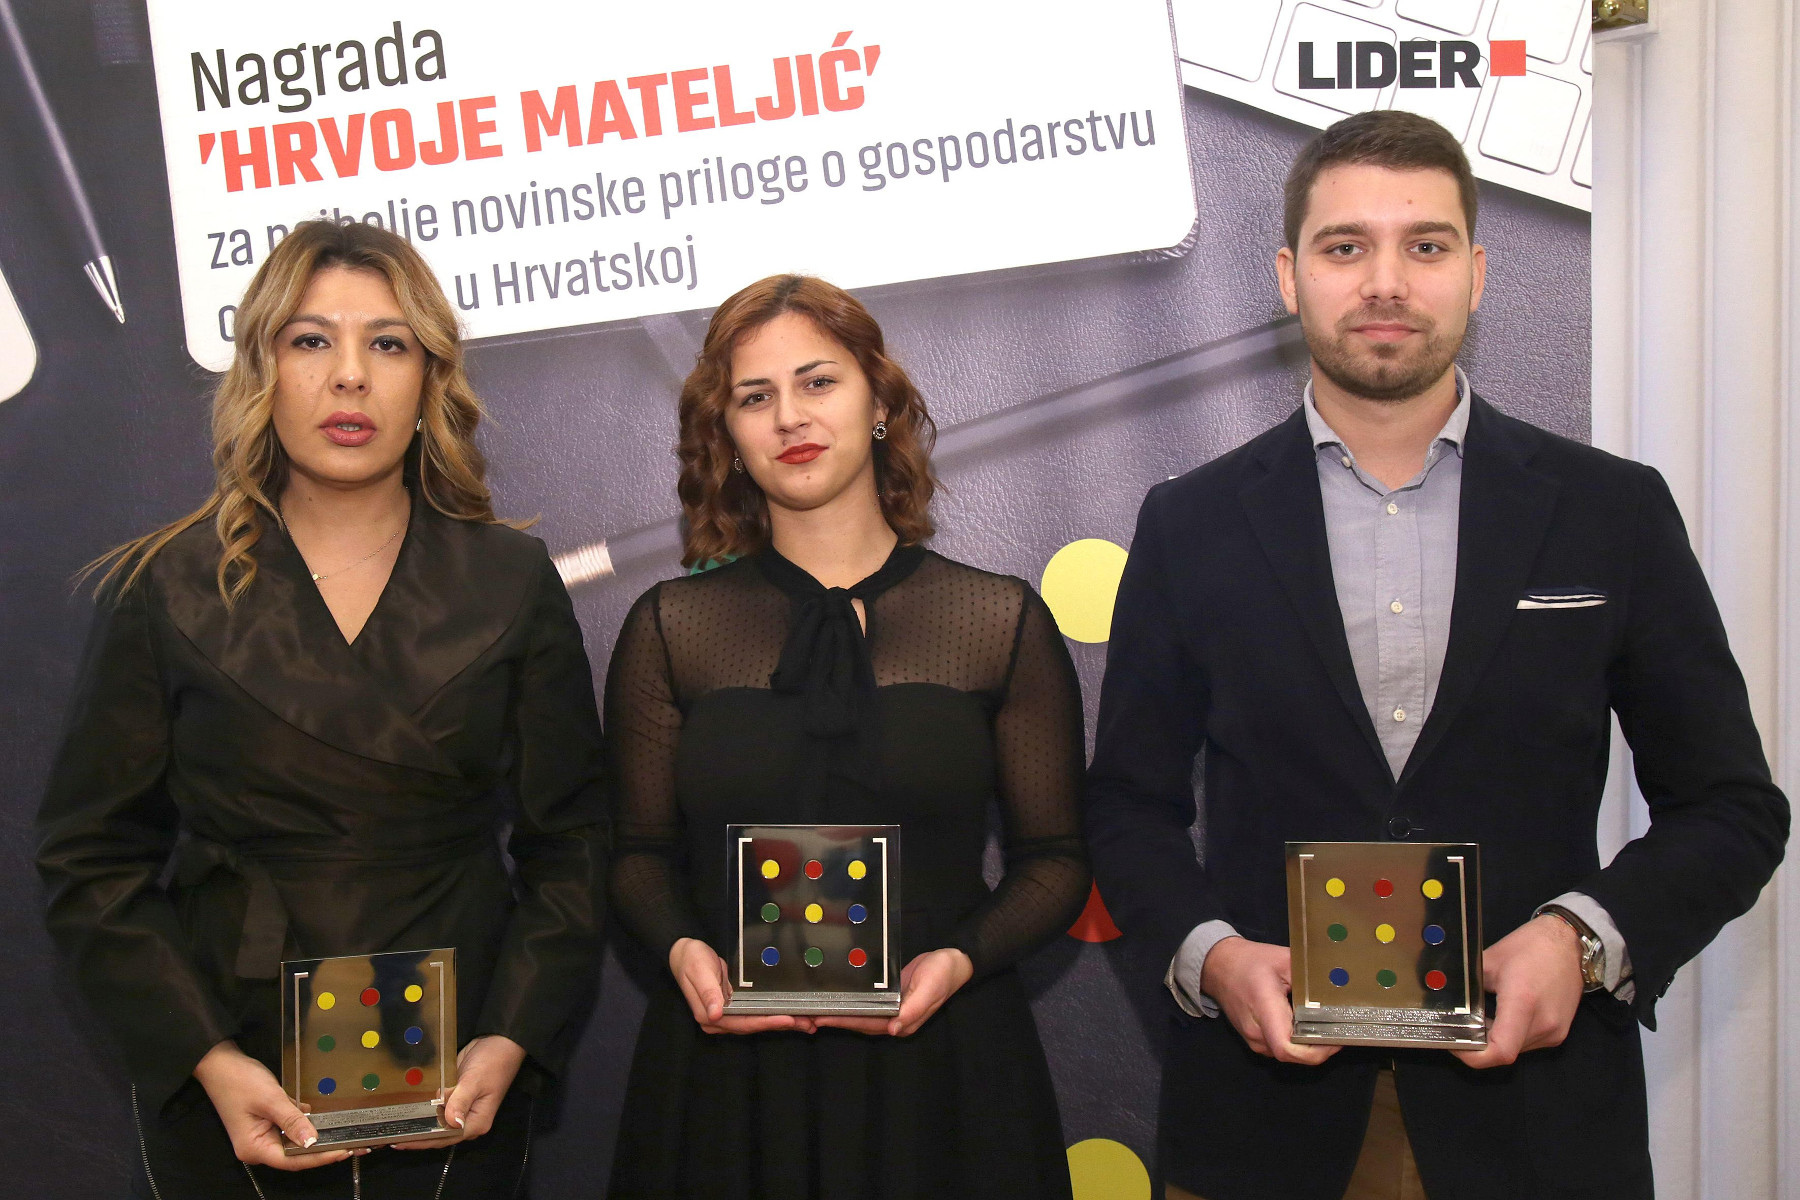 Novinari Marina Šunjerga, Kristian Došen i Lucija Špiljak